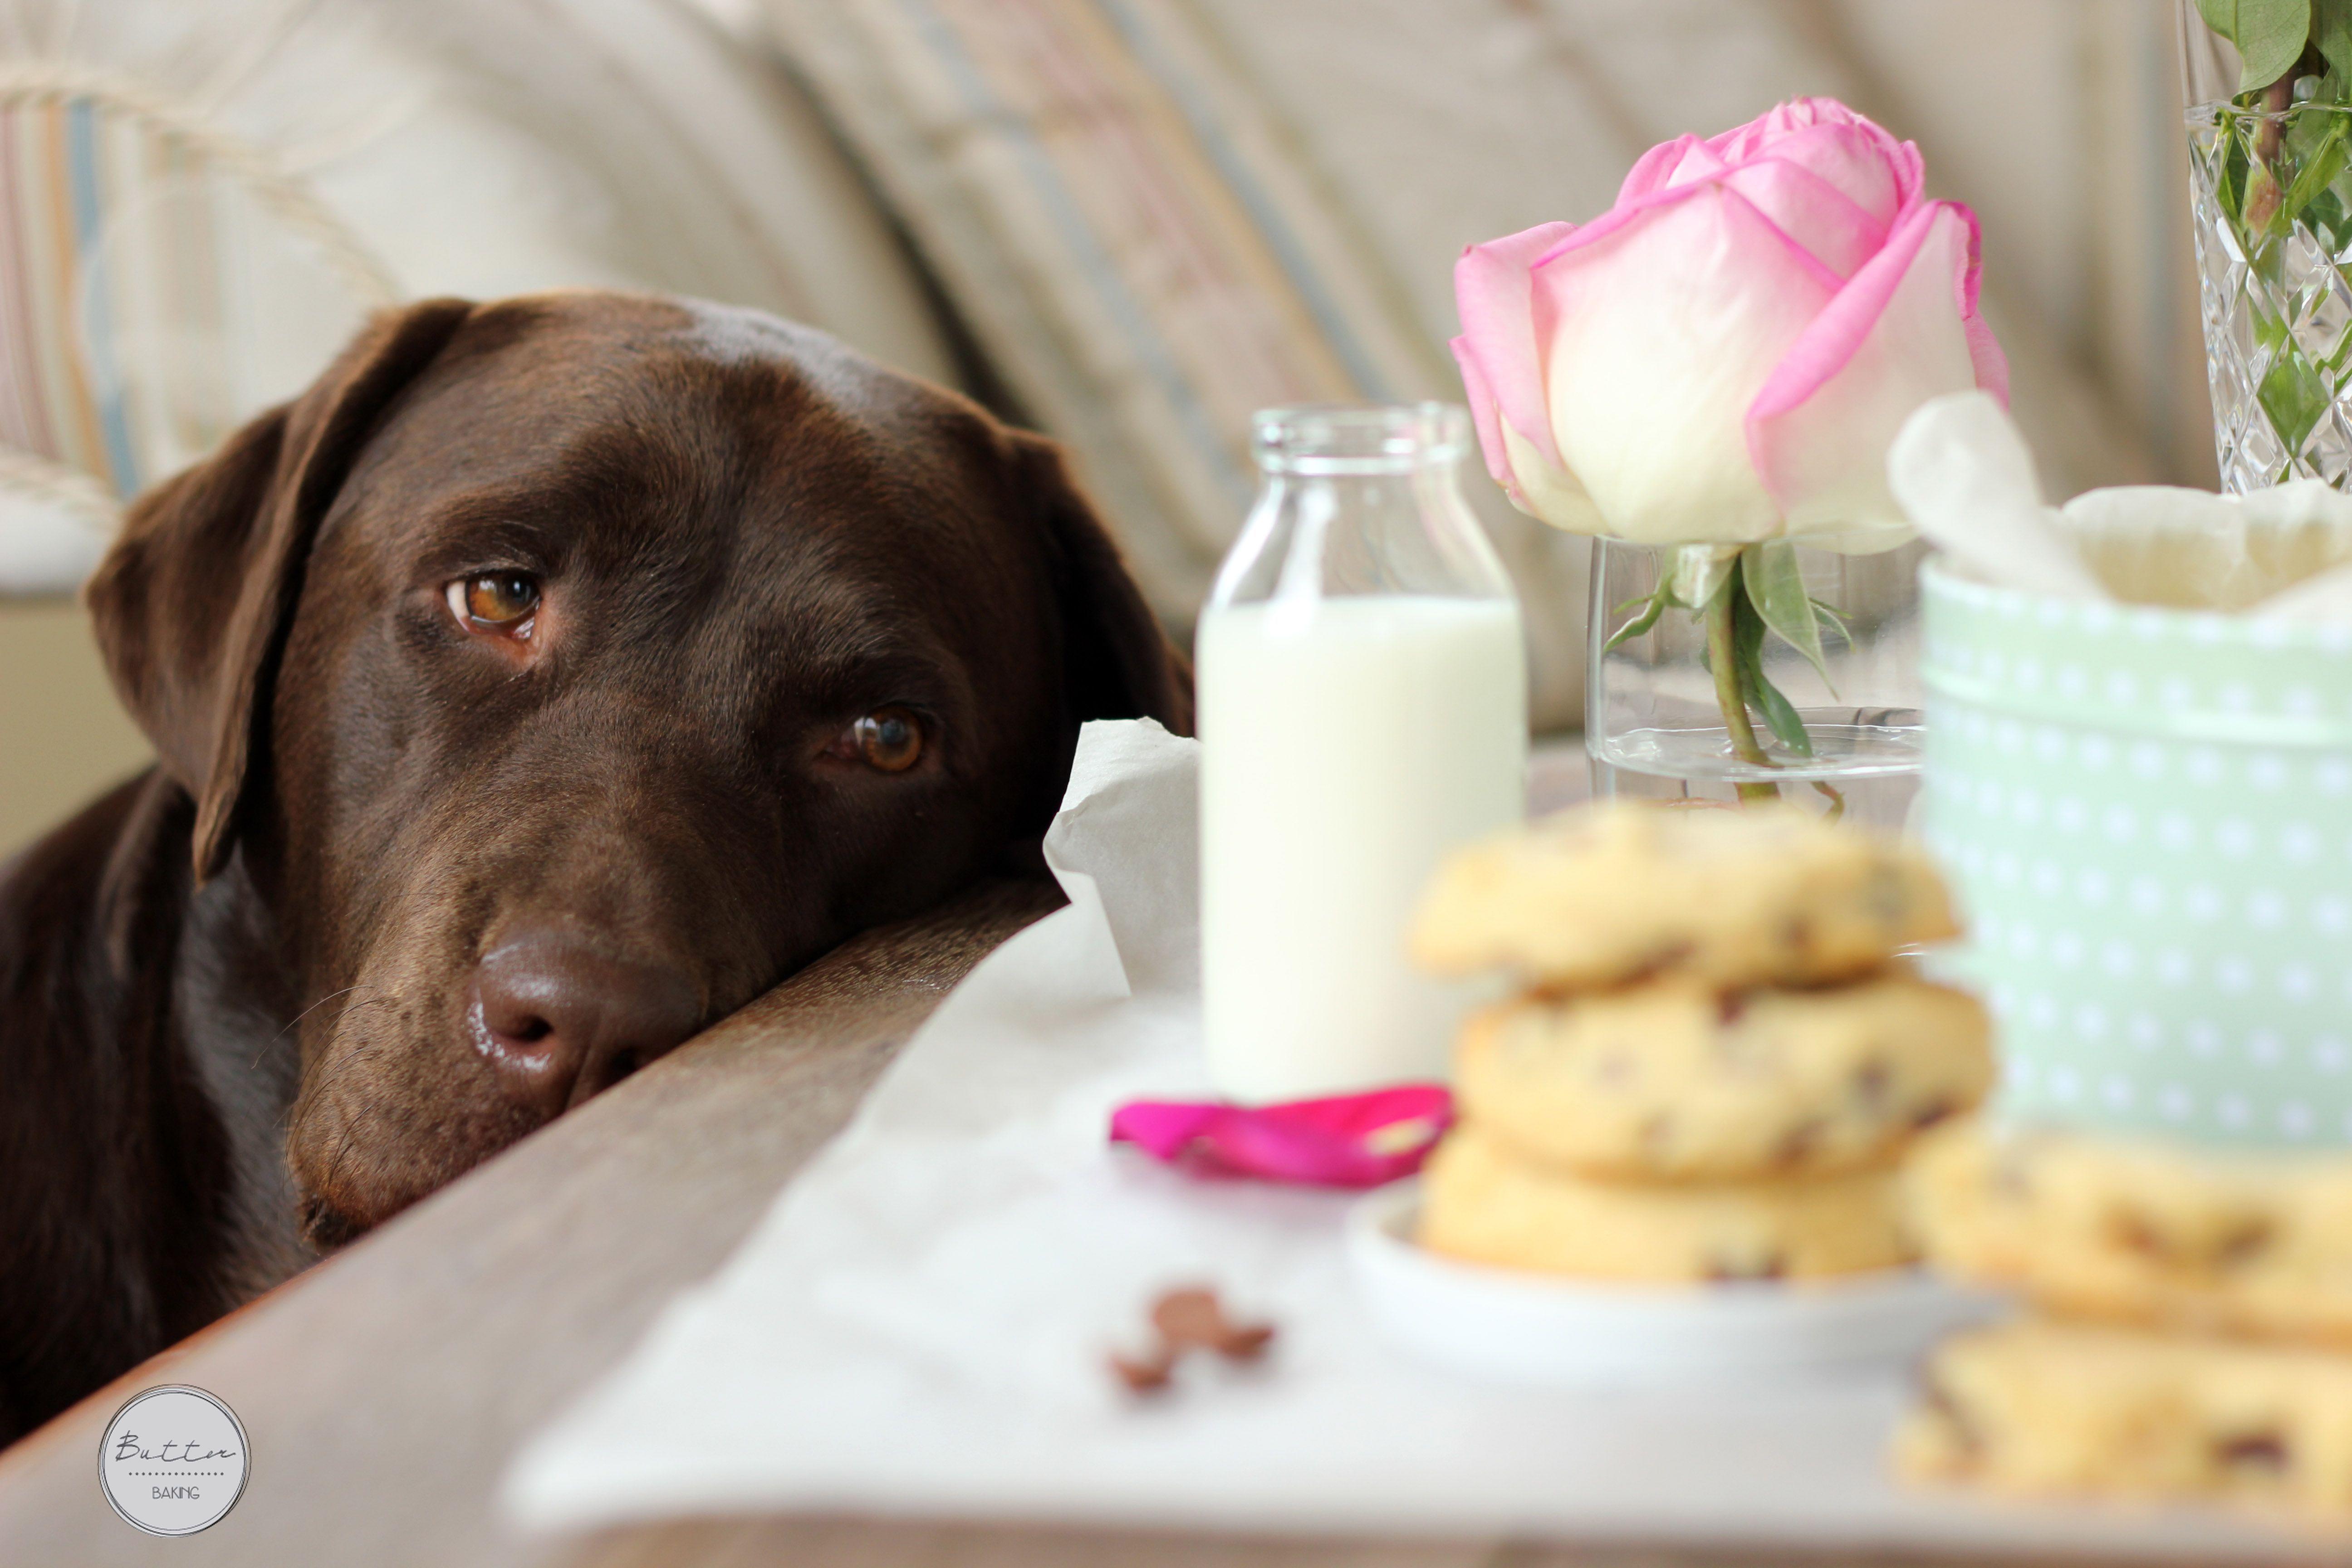 Chocolate labrador retriever pet photography dog